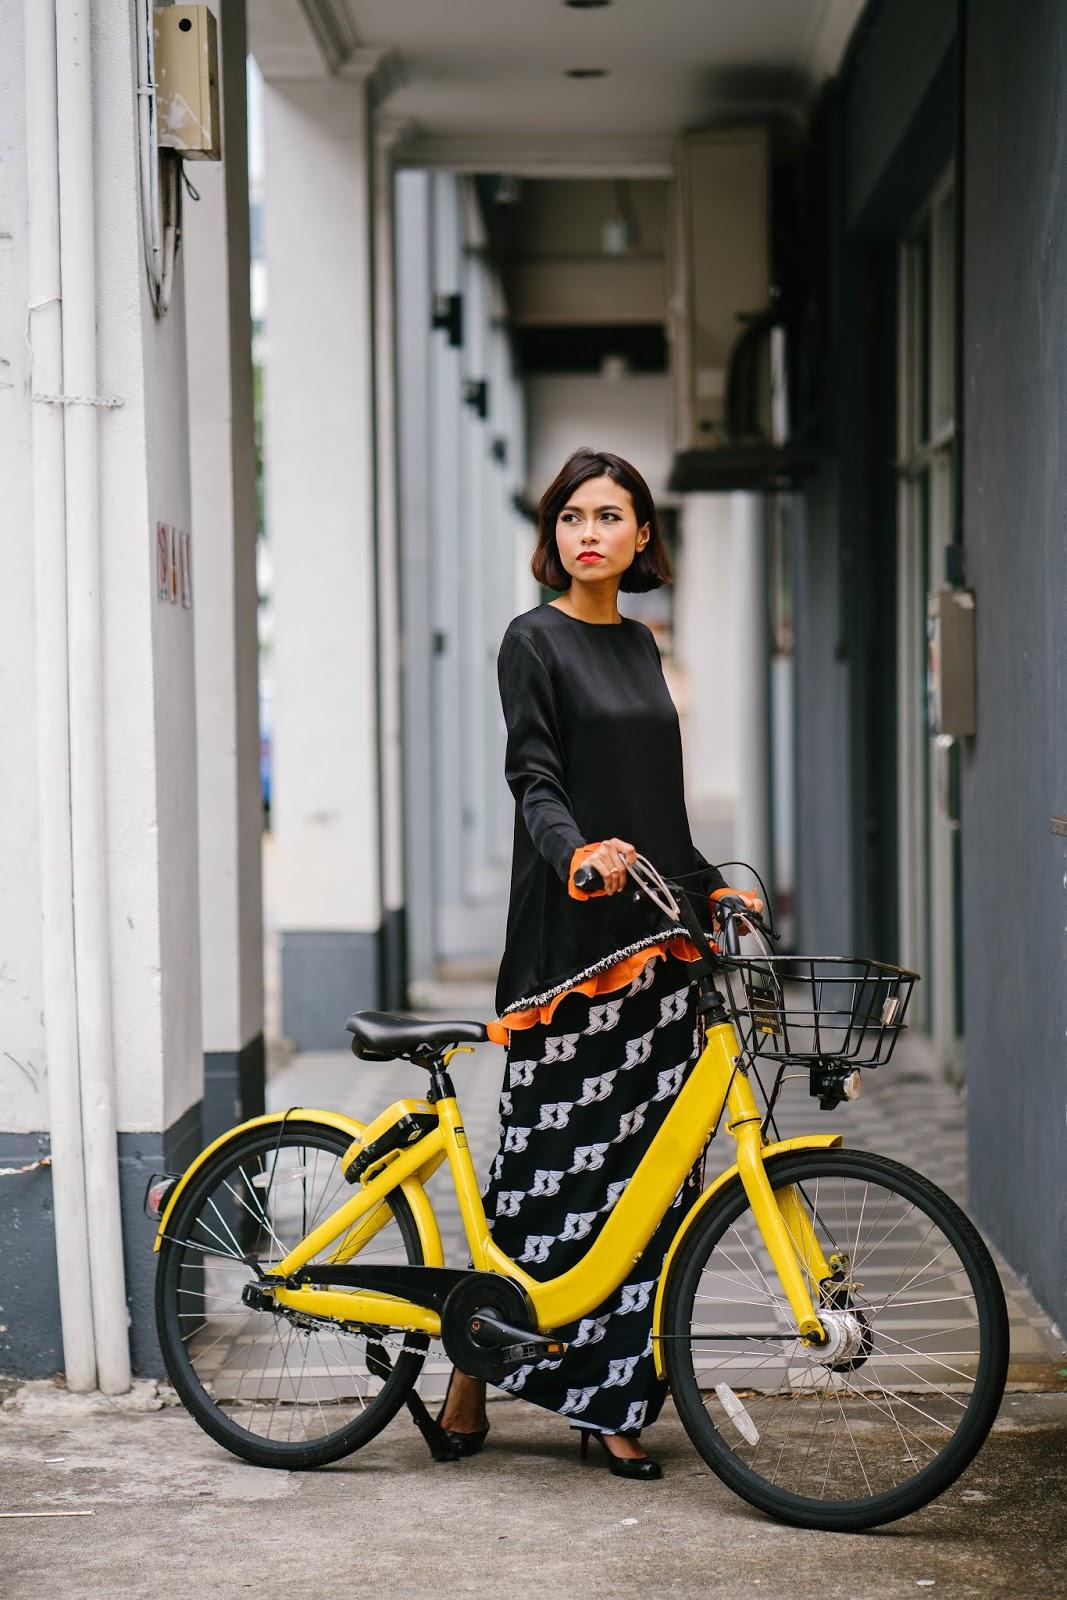 Radfahrer absteigen – Ein Befehl? Oder unzulässig?